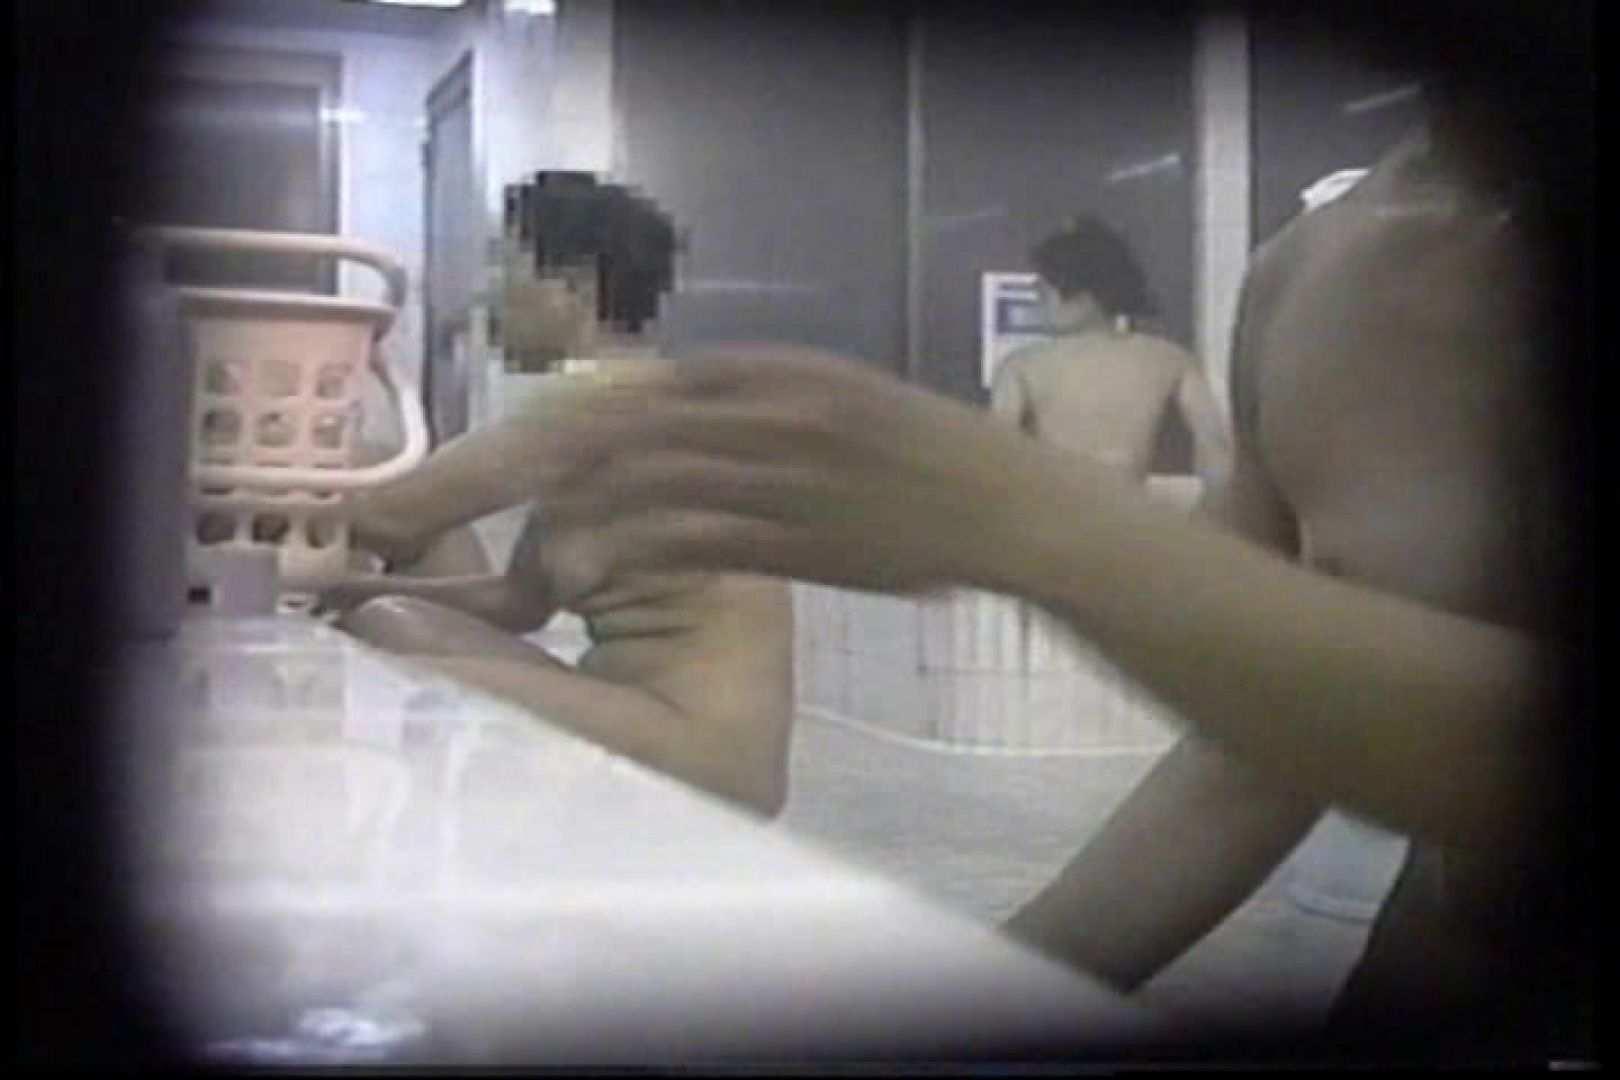 洗面器にカメラを仕込んで洗い場内を移動盗撮 TK-131 裸体   盗撮  93PICs 75